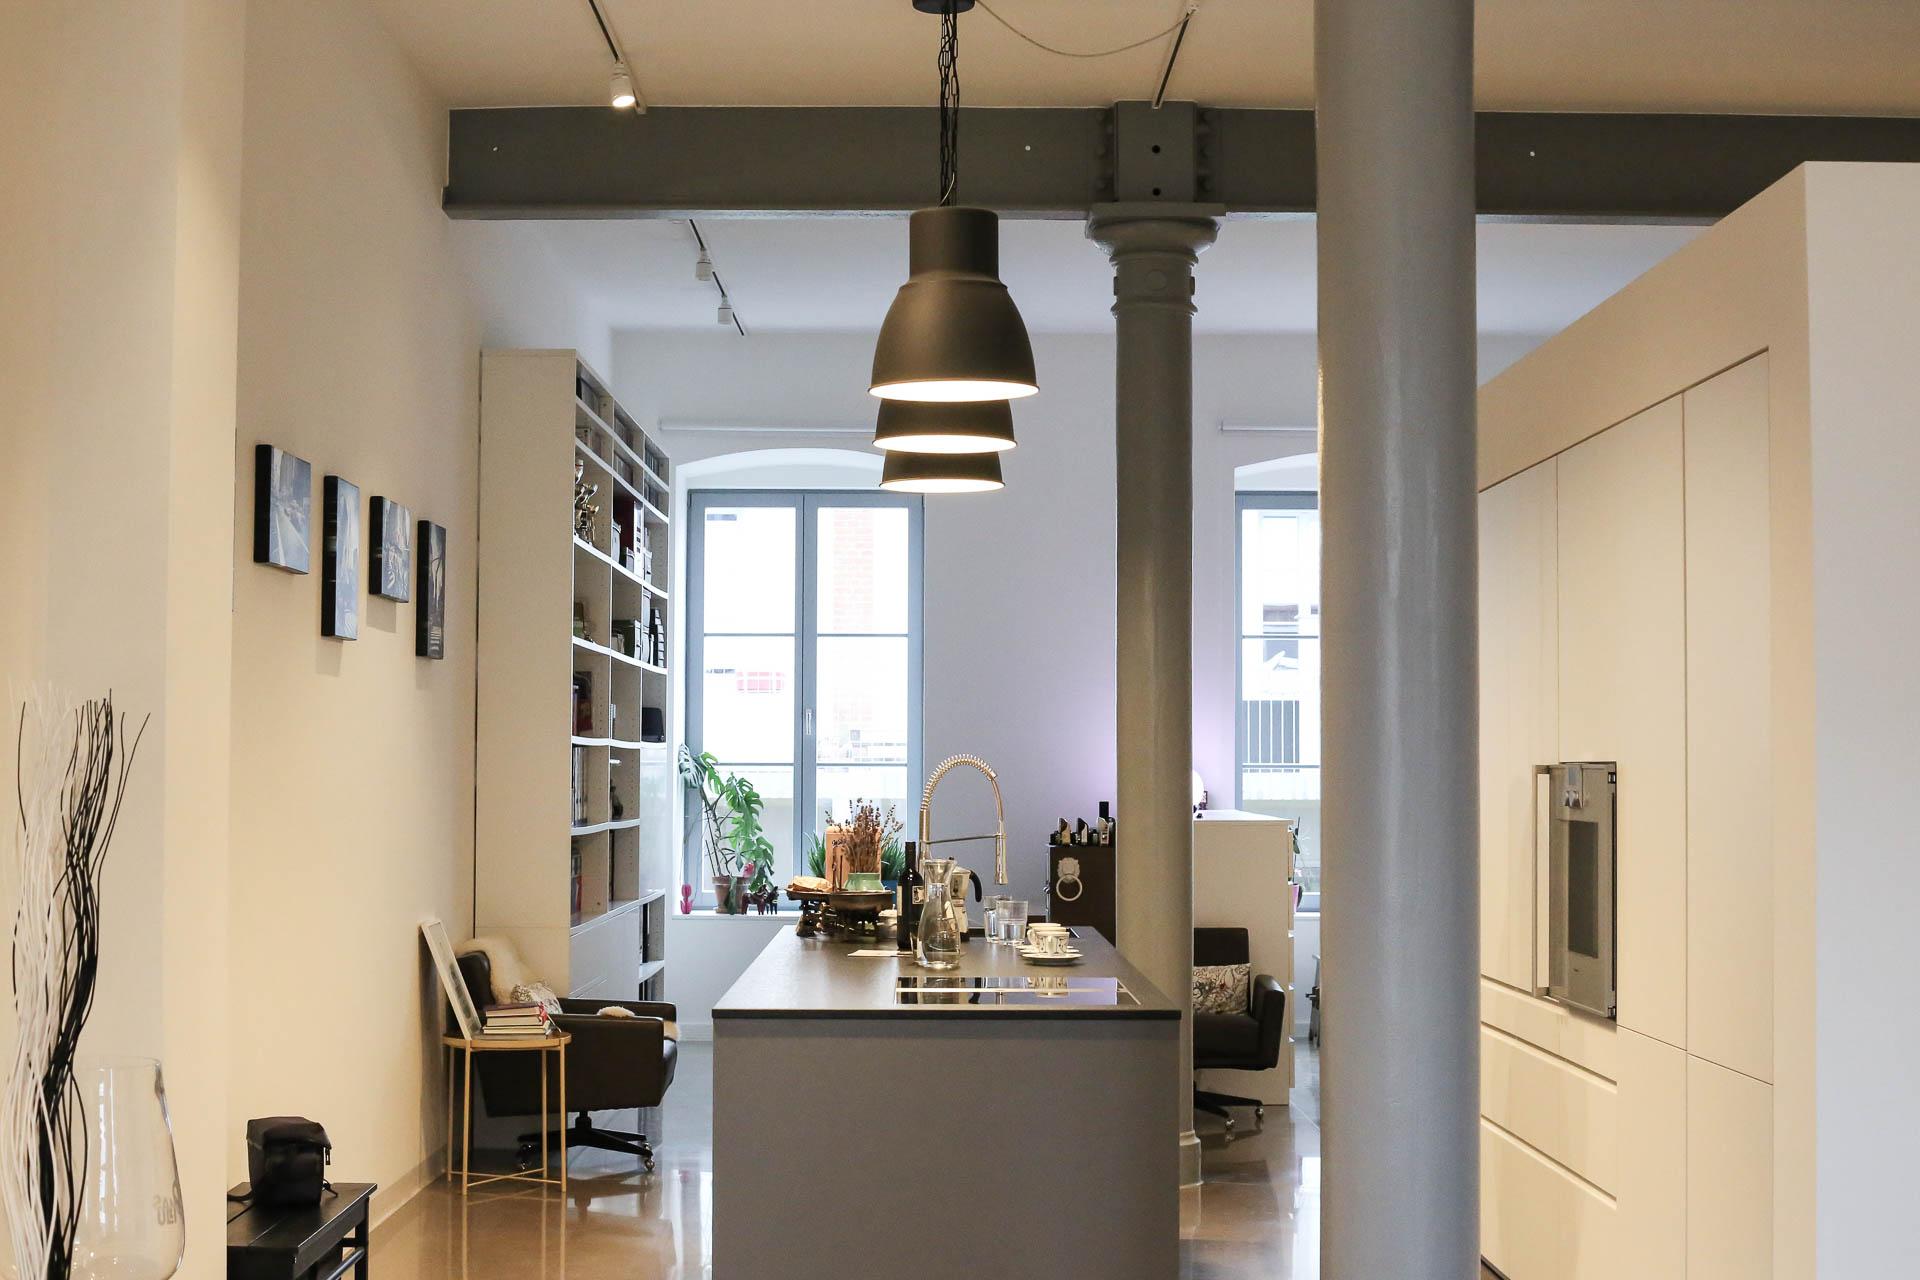 Best Futuristisches Interieur Loft Wohnung Images - Interior Design ...